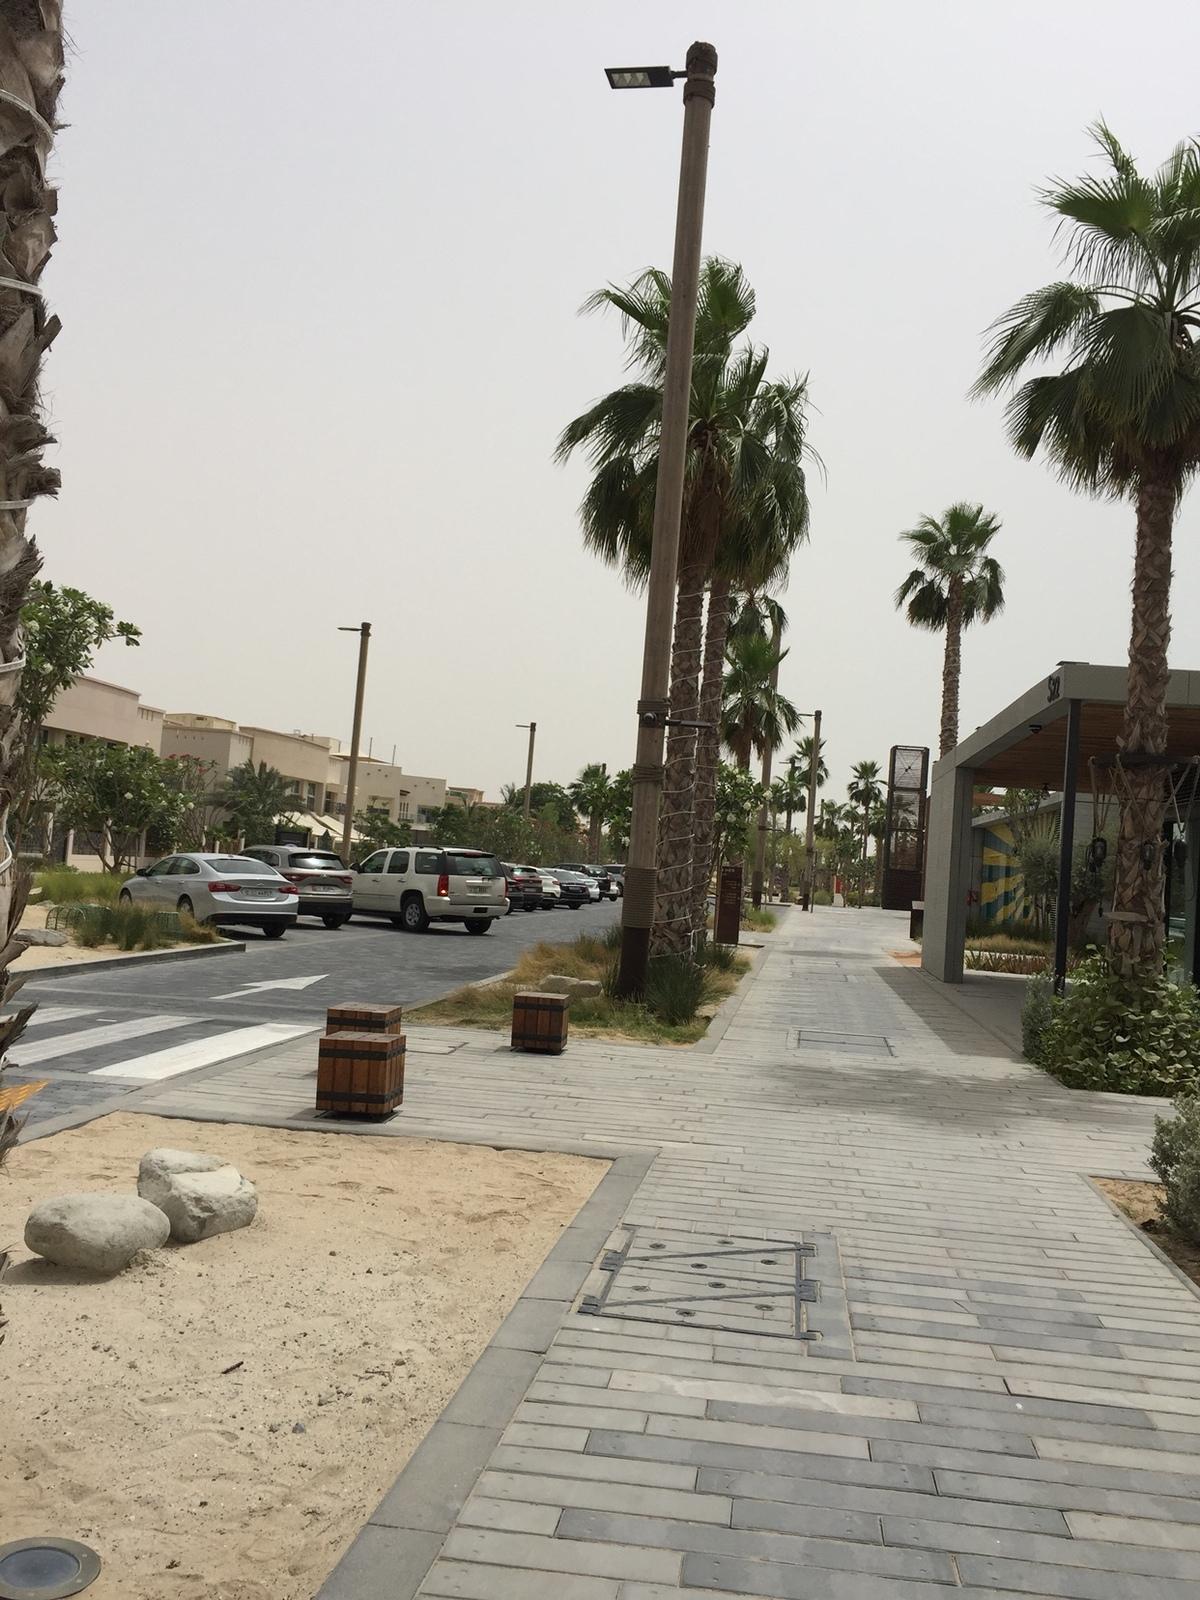 661598 المسافرون العرب دبي مدينة الجميرا